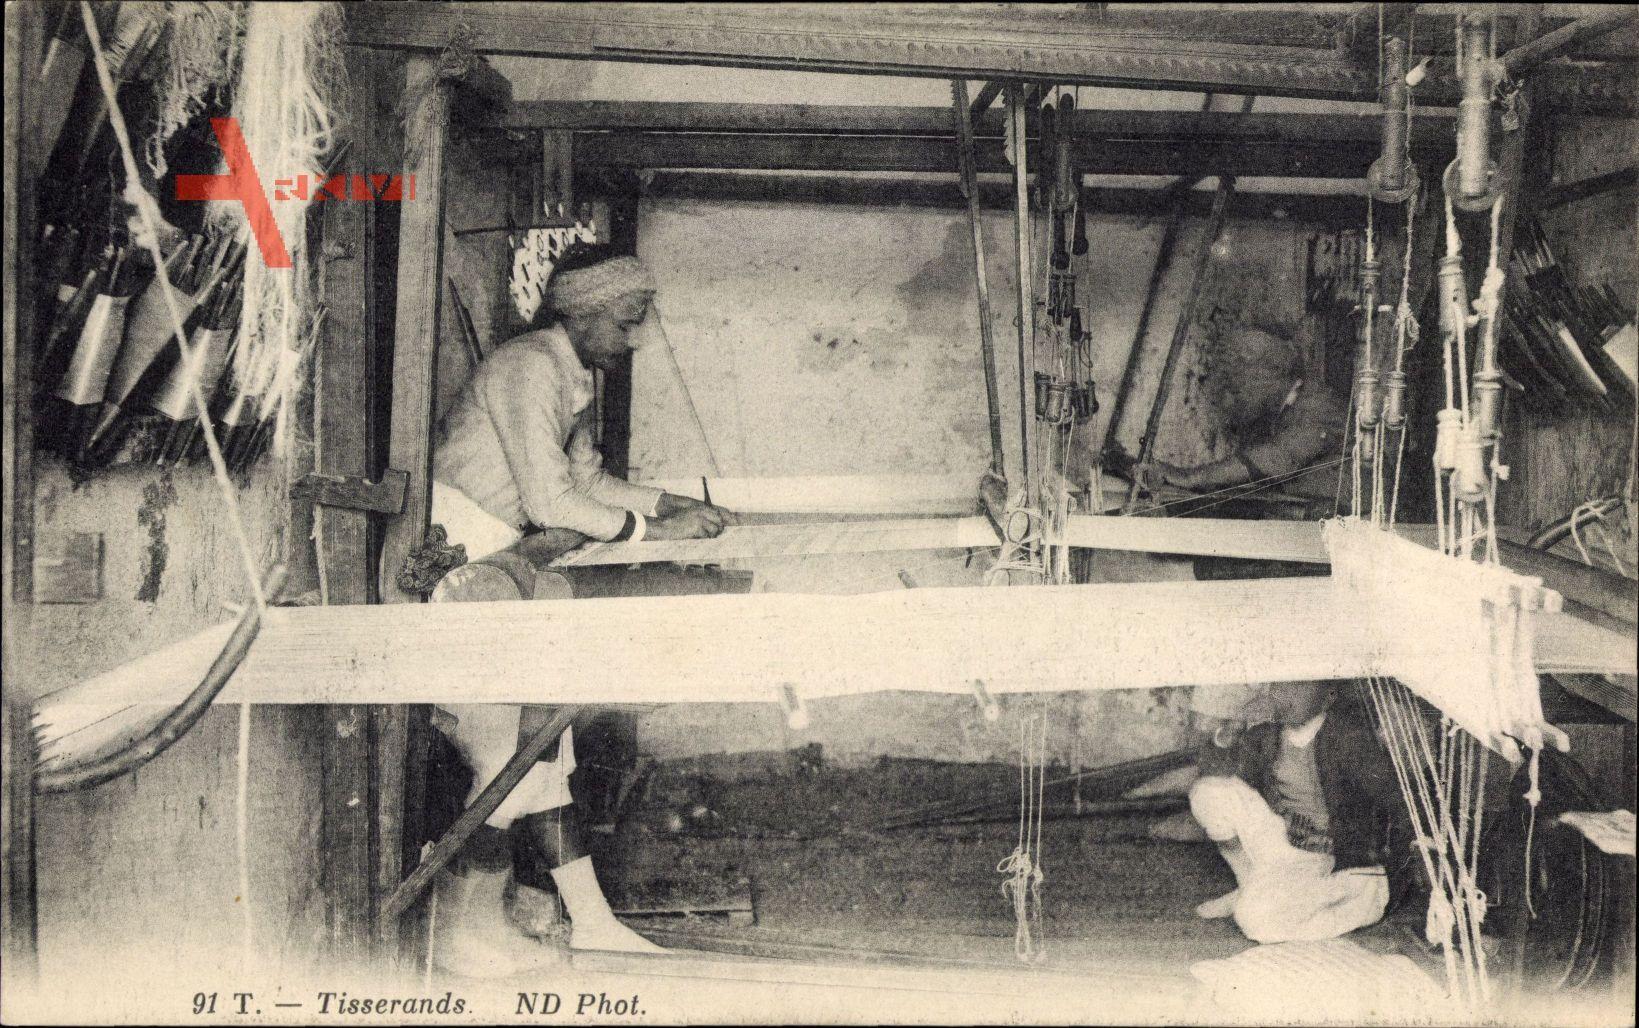 Tisserands, Weber bei der Arbeit, Webstuhl, Neurdein Frères N.D. 91 T